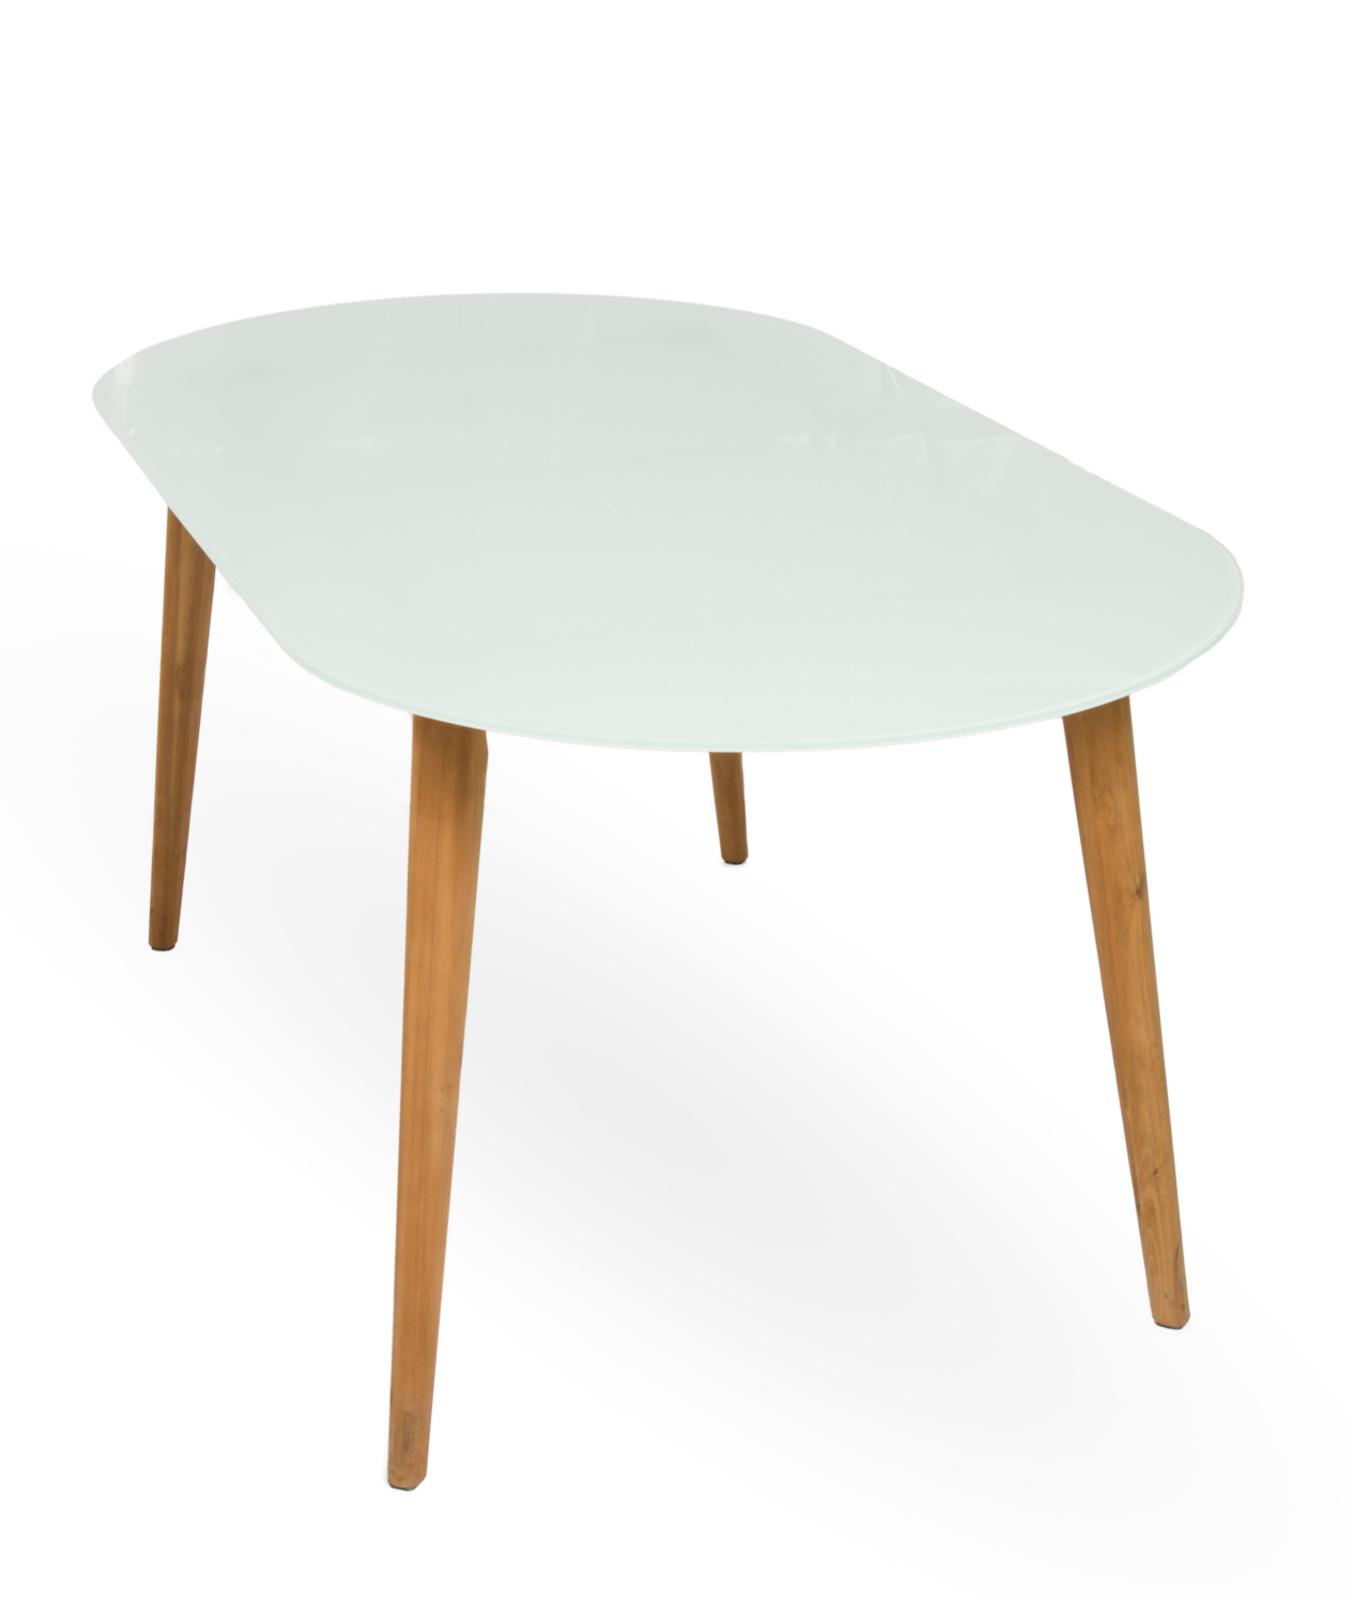 TABLE POLARIS